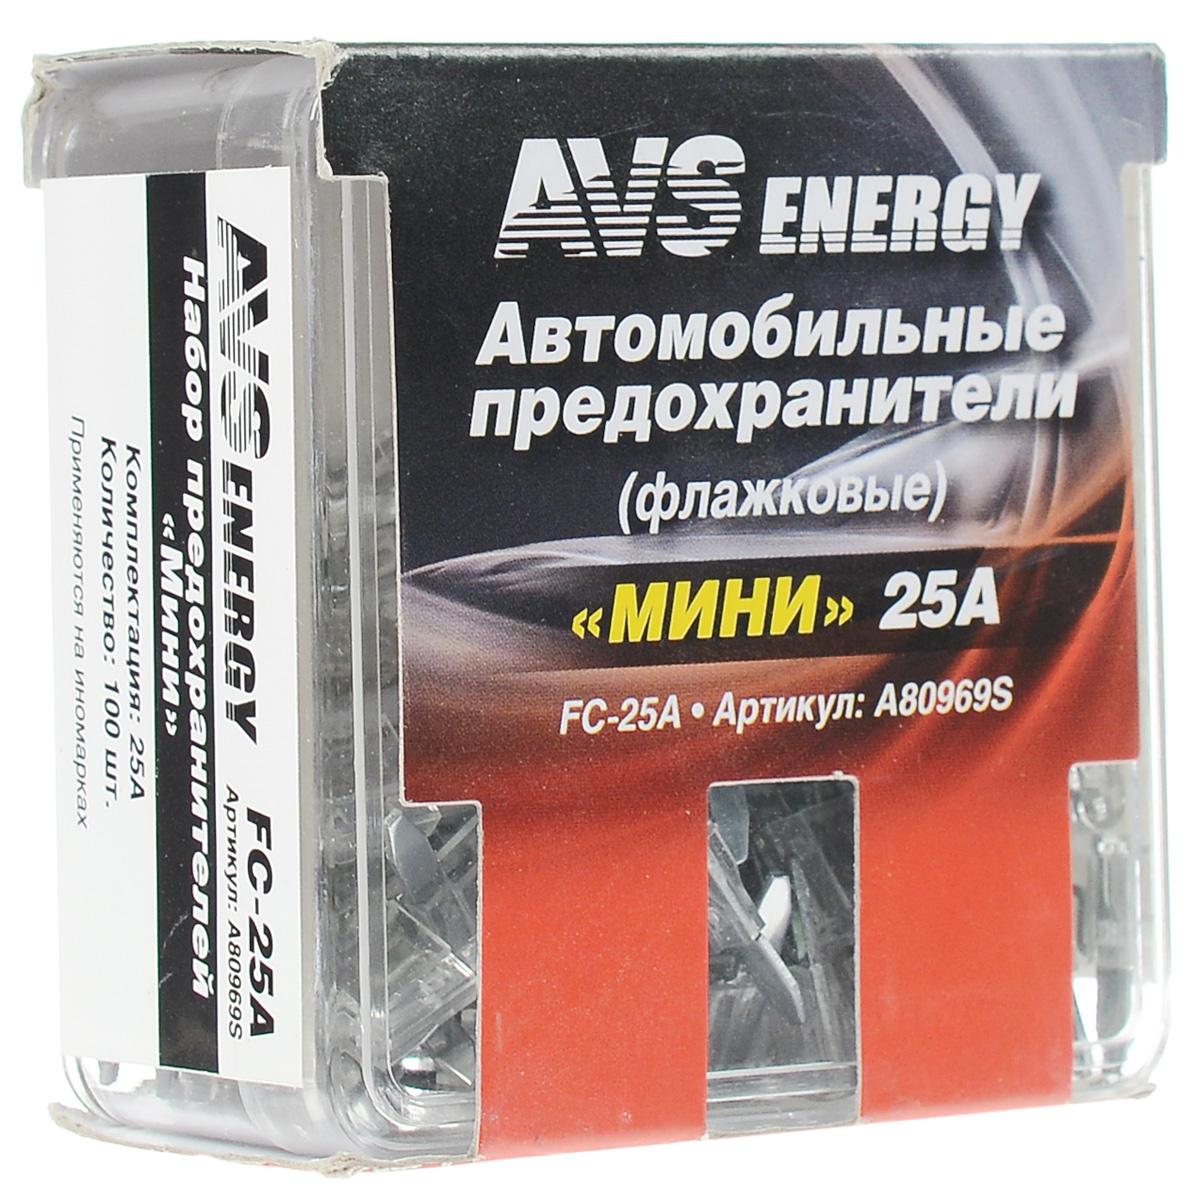 Набор автомобильных предохранителей AVS Мини, 25А, 100 штA80969SАвтомобильные флажковые предохранители AVS помогут защитить электрические цепи автомобиля от короткого замыкания и позволят без проблем заменить сгоревший предохранитель в автомобиле. Корпус предохранителя выполнен из прозрачного пластика, а элемент - из цинкового сплава. Набор автомобильных предохранителей Мини применяется на иномарках. Номинал: 25А. Тип: флажковые.